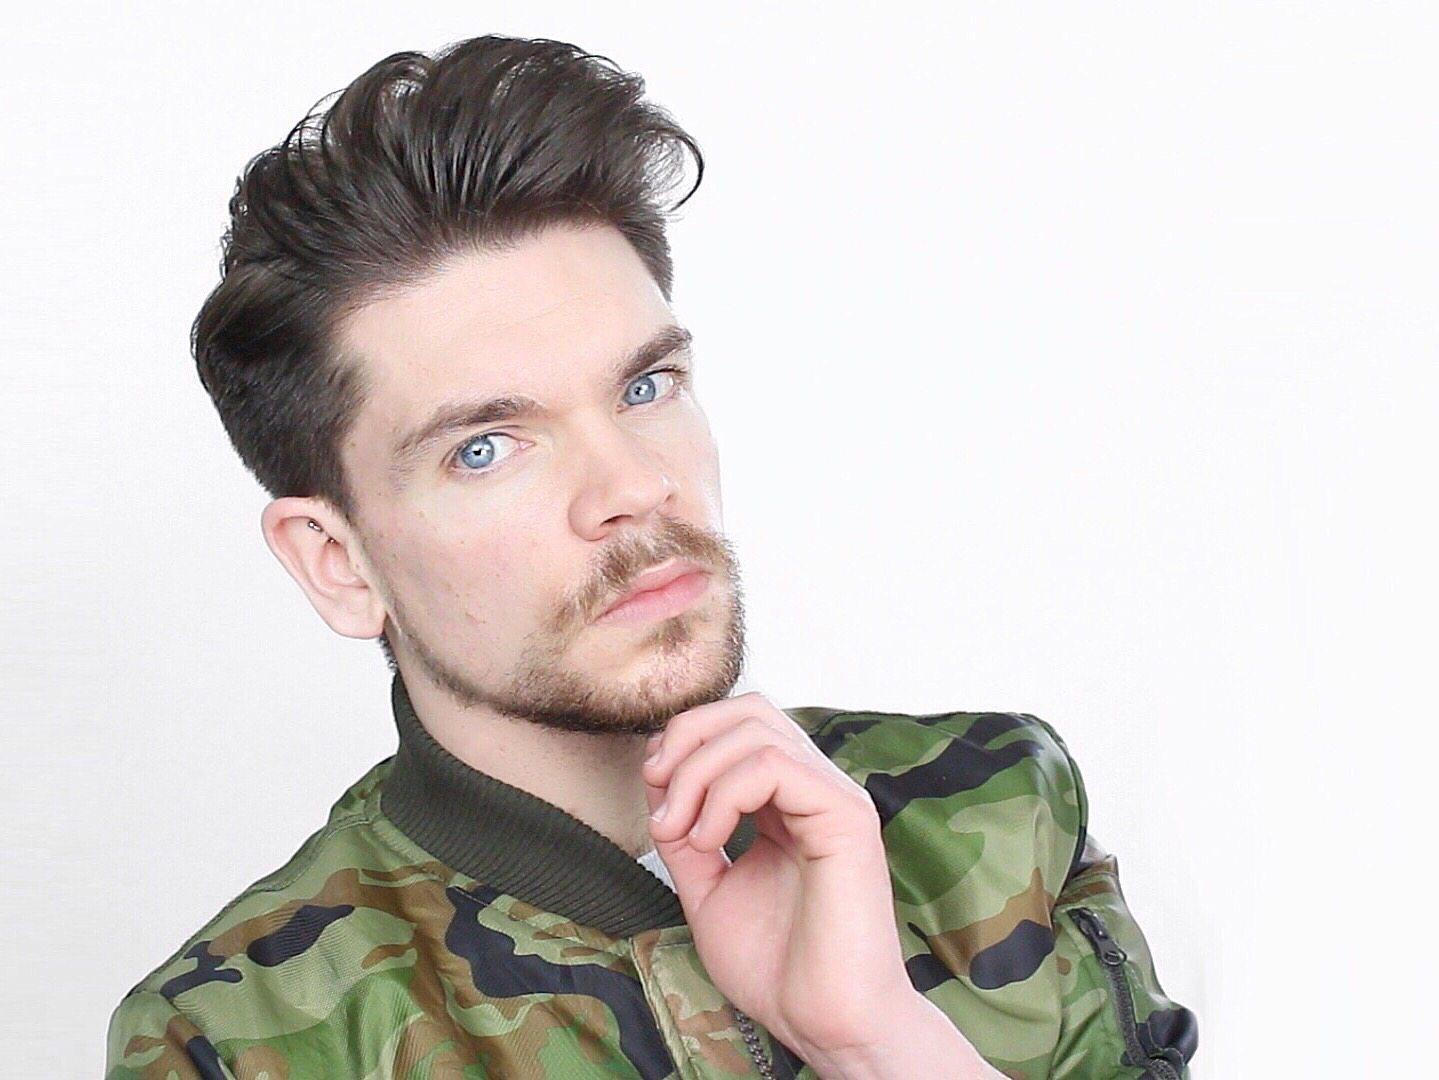 fudge-mega-hair-milk-review-how-to-man-for-himself